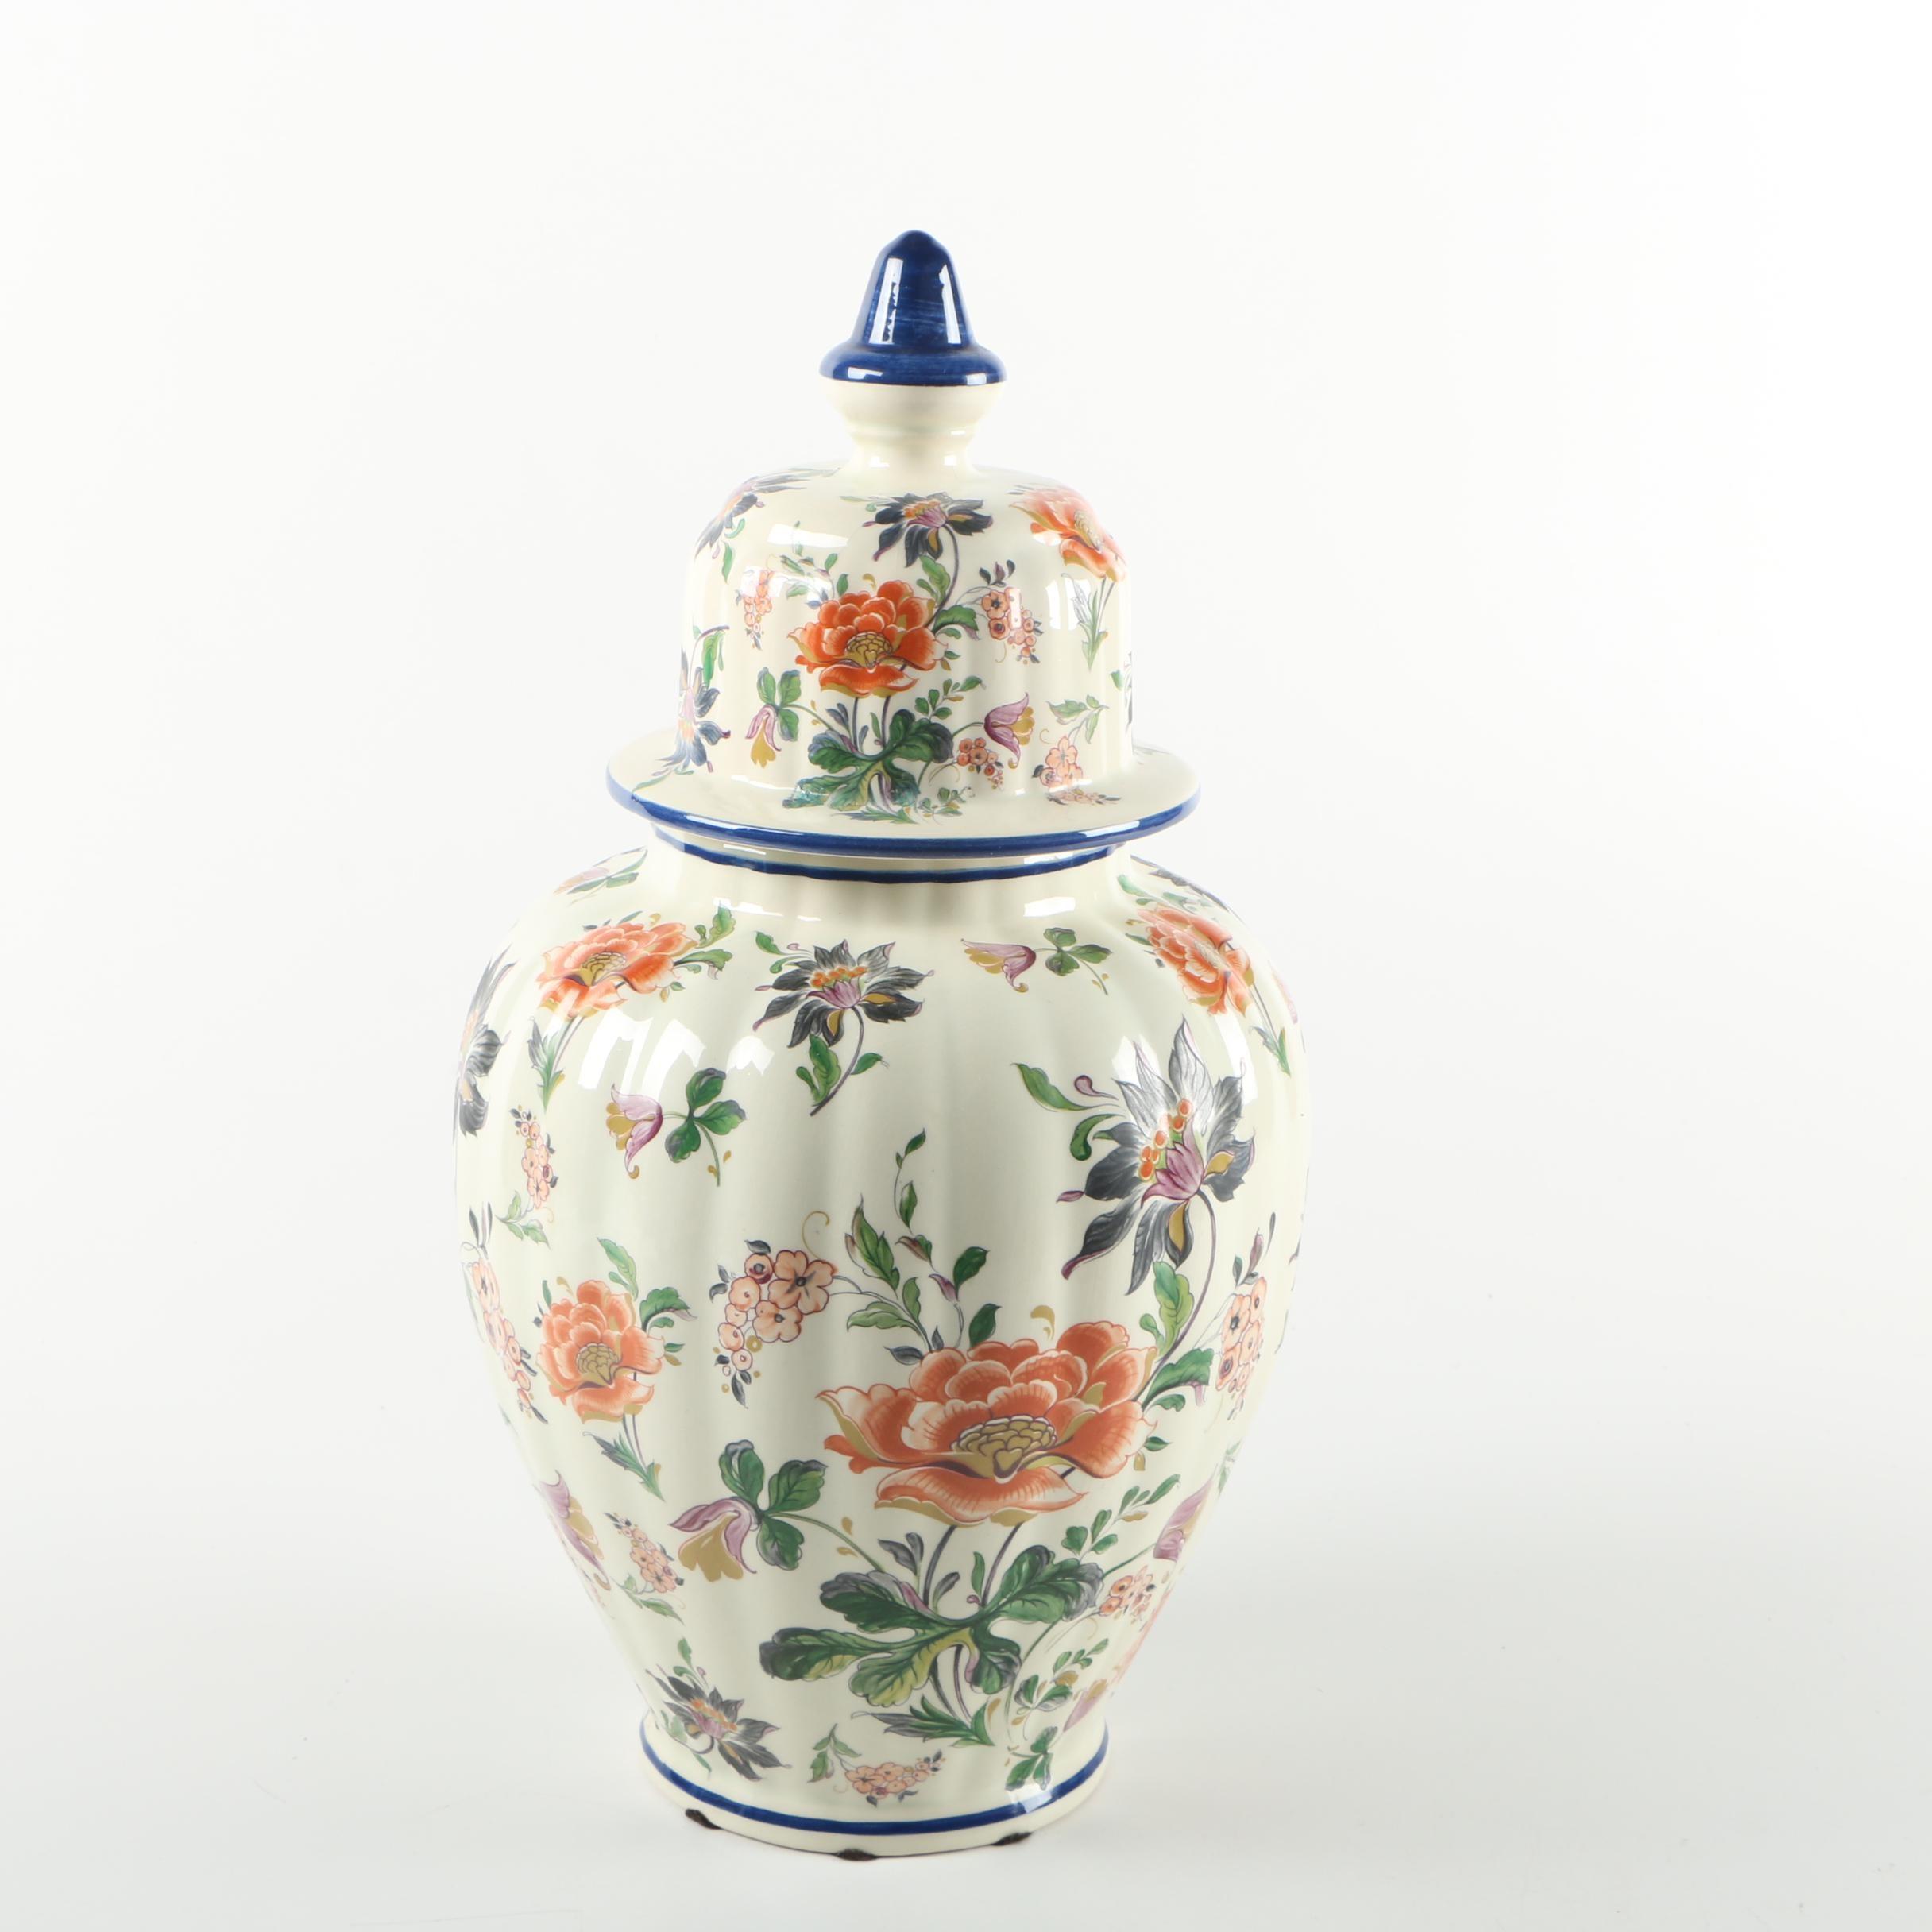 Handmade H. Bequet Cie Delft Urn